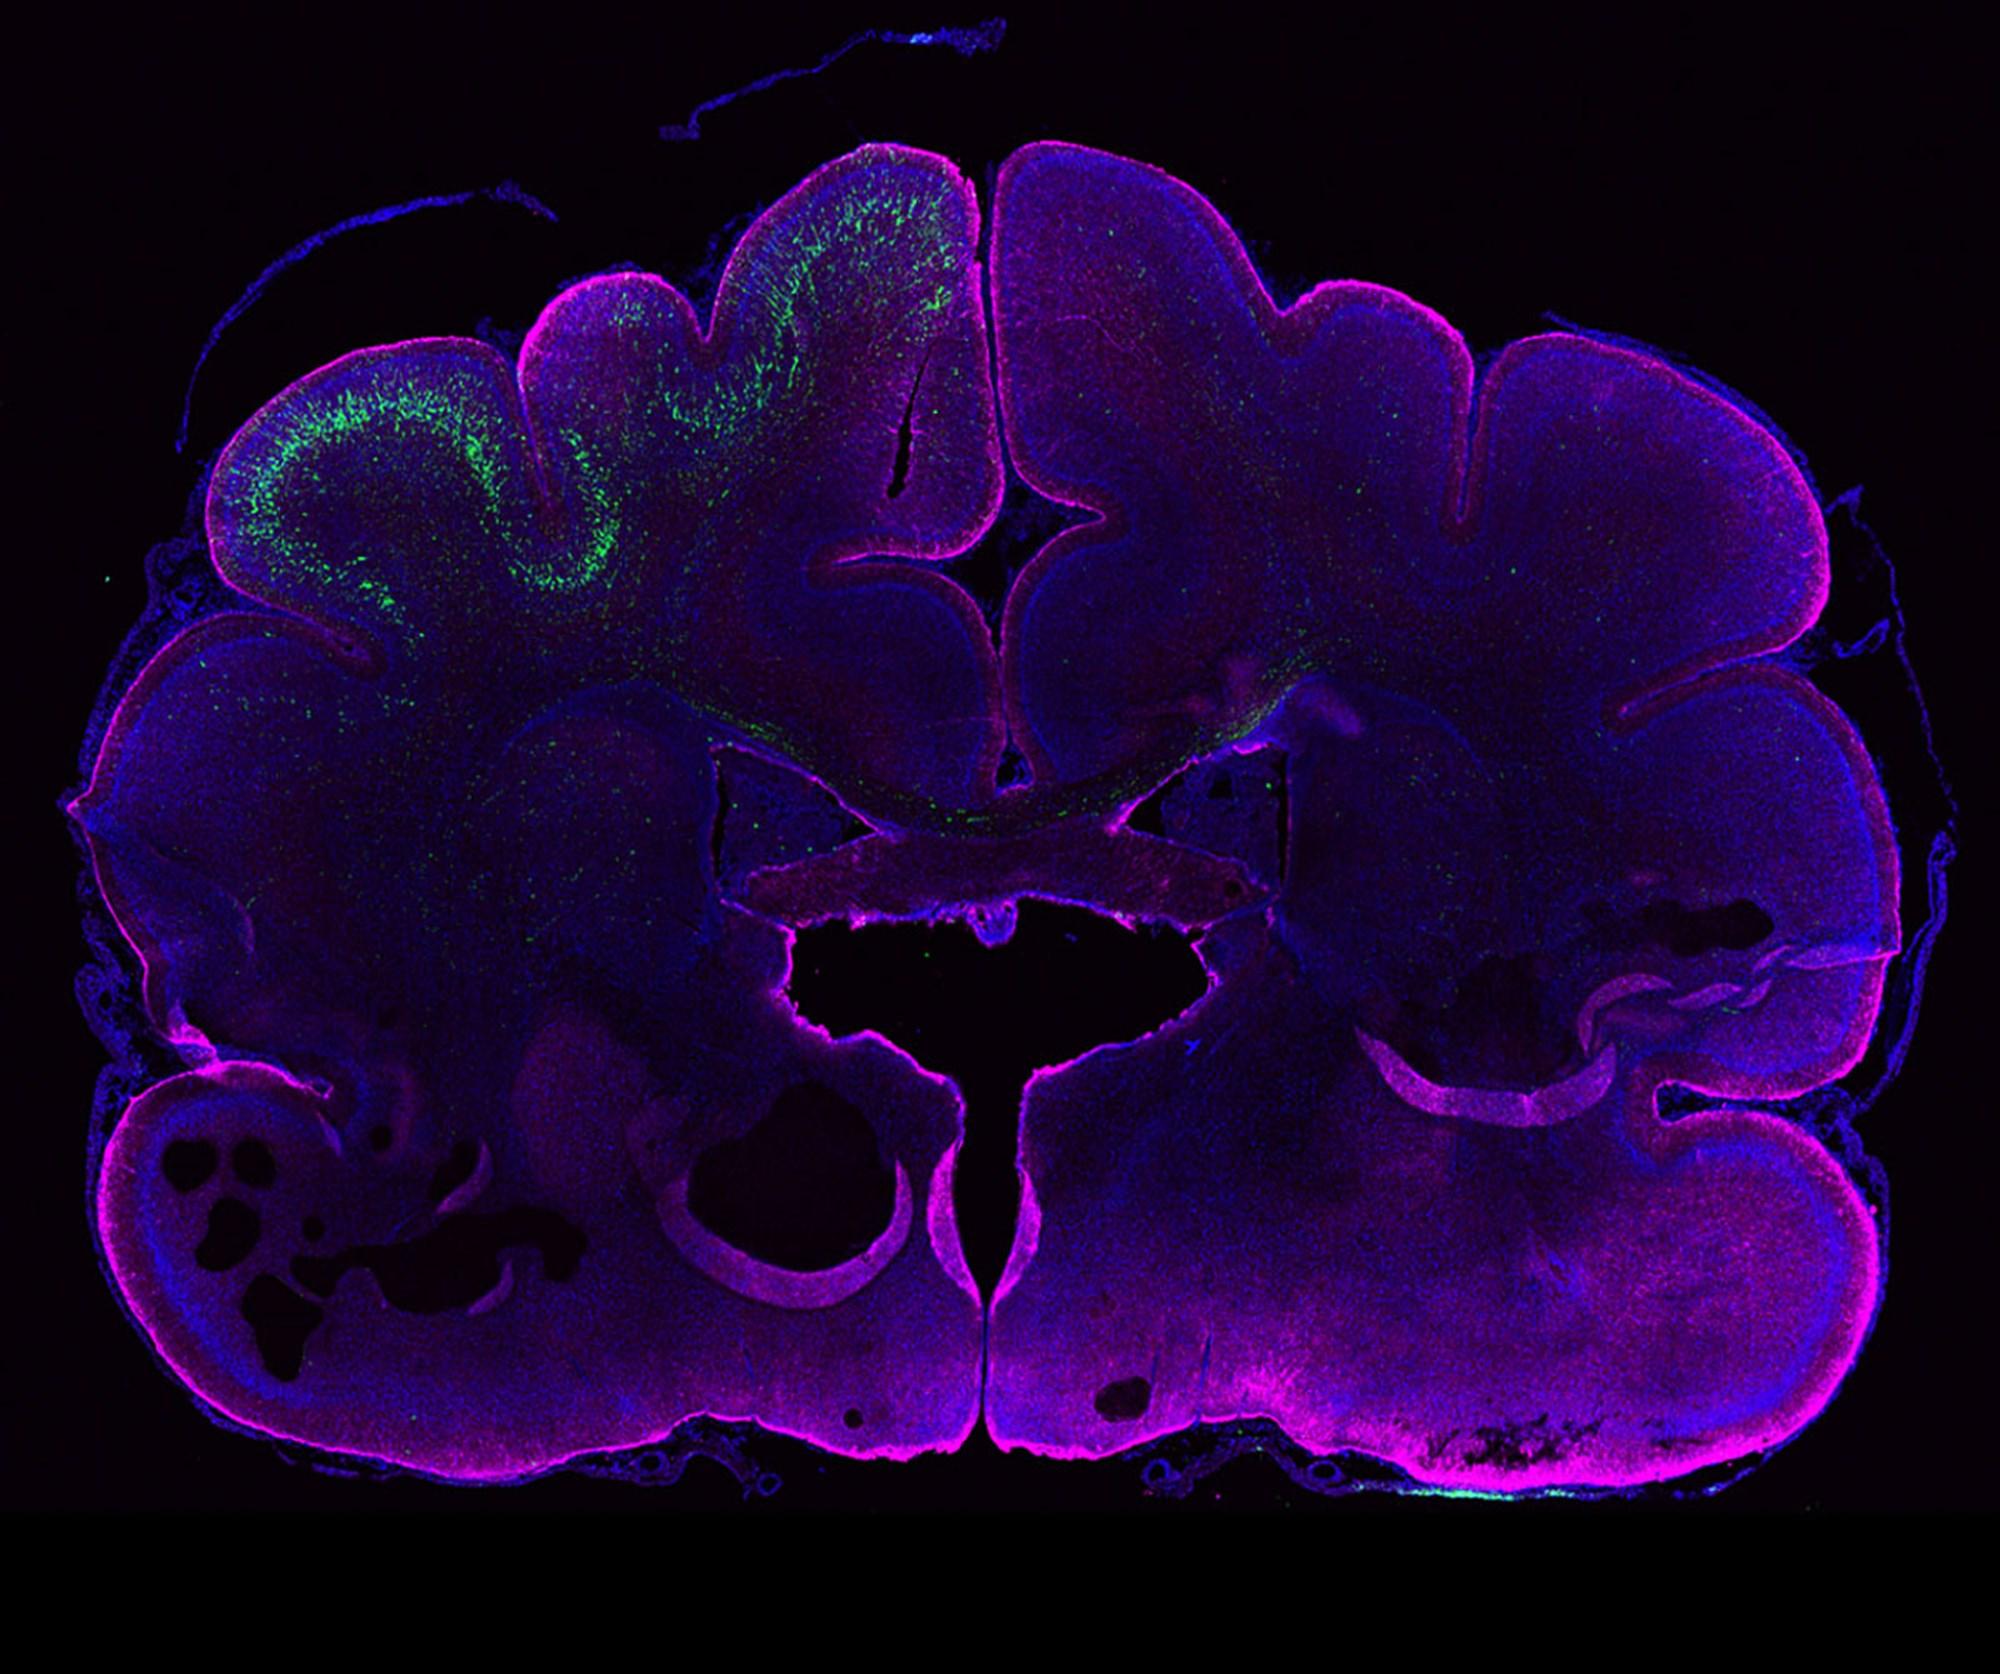 Menschliches Gen vergrößert im Experiment Gehirn von Frettchen